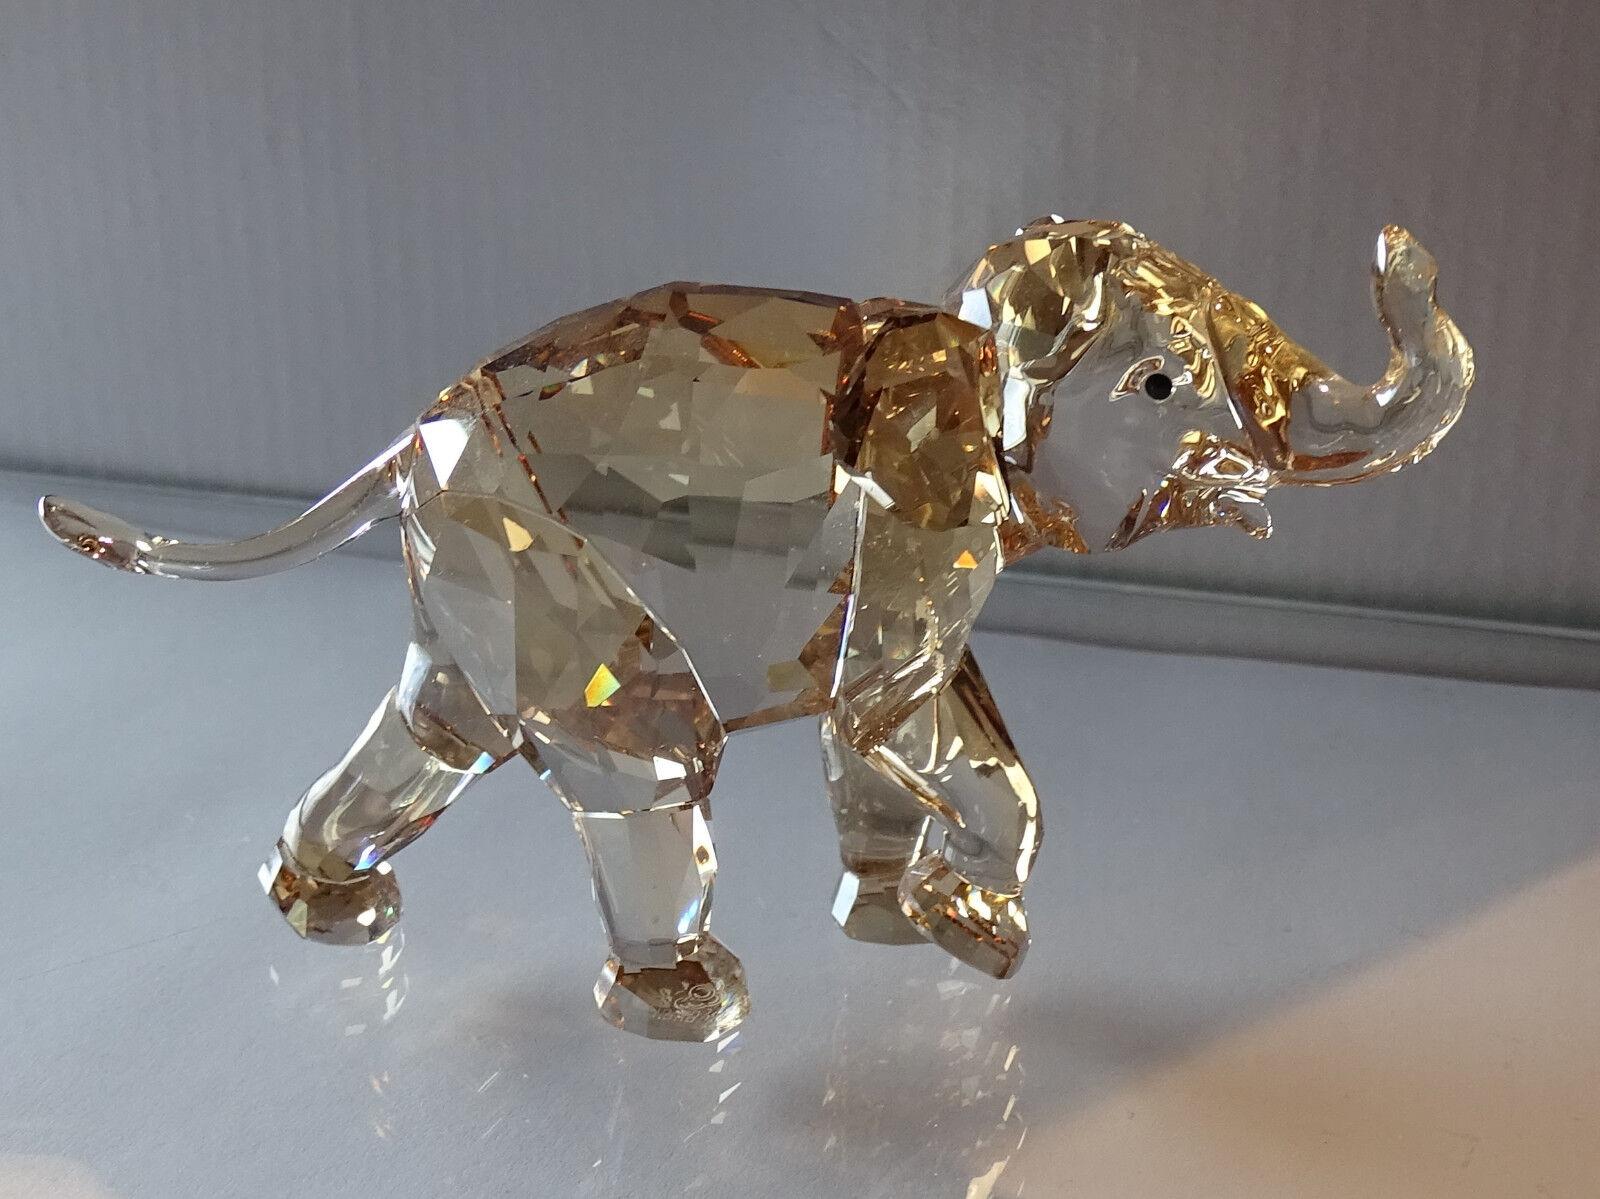 SWAROVSKI 1142862 1142862 1142862 SCS jeune éléphant Young Elephant 2013 neuf dans sa boîte avec certificat En parfait état, dans sa boîte | Se Vendant Bien Partout Dans Le Monde  c2458b